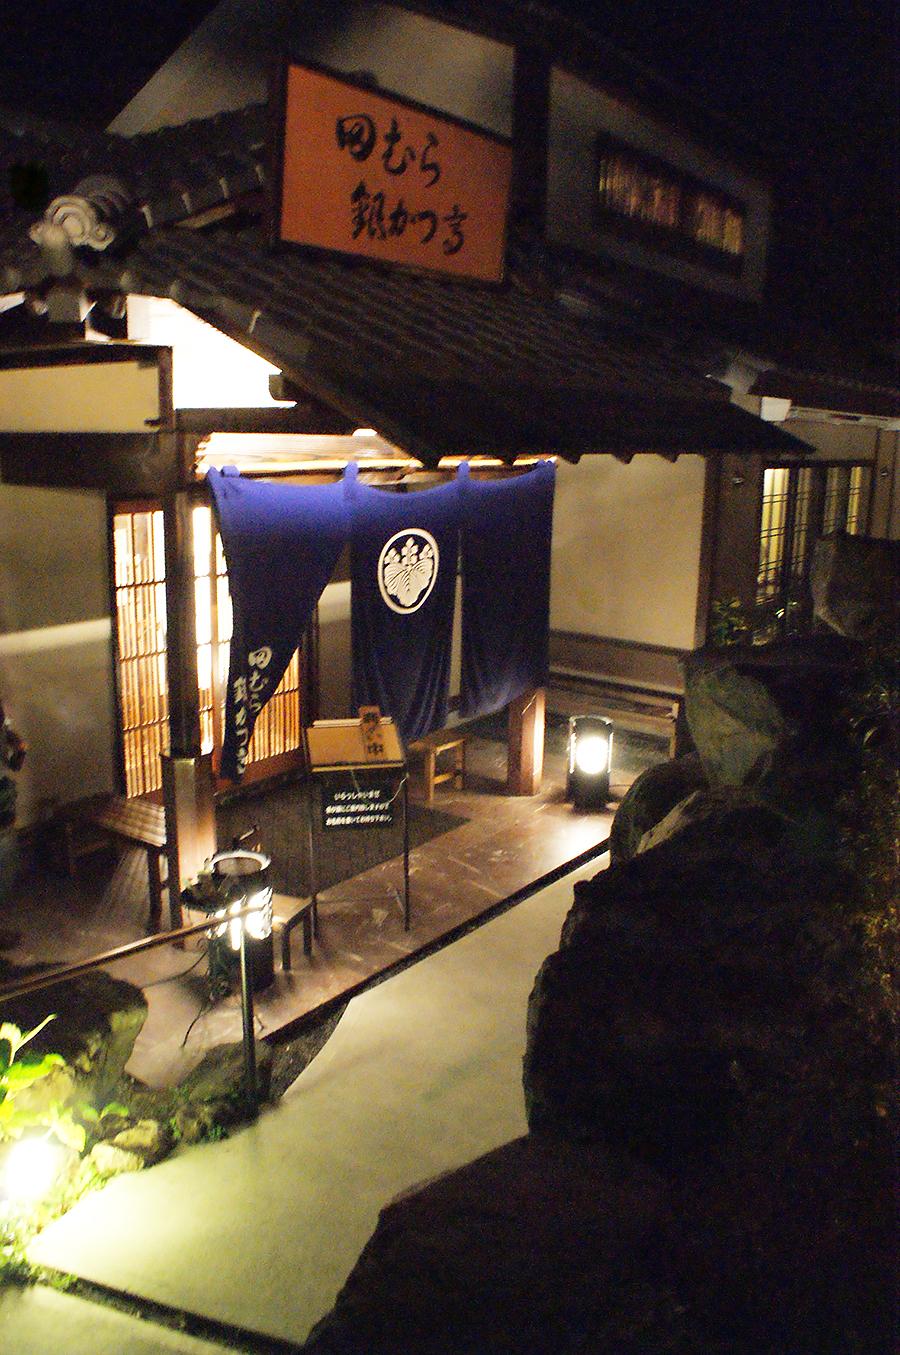 http://moritetsu.info/car/img/DSC03637ss.jpg